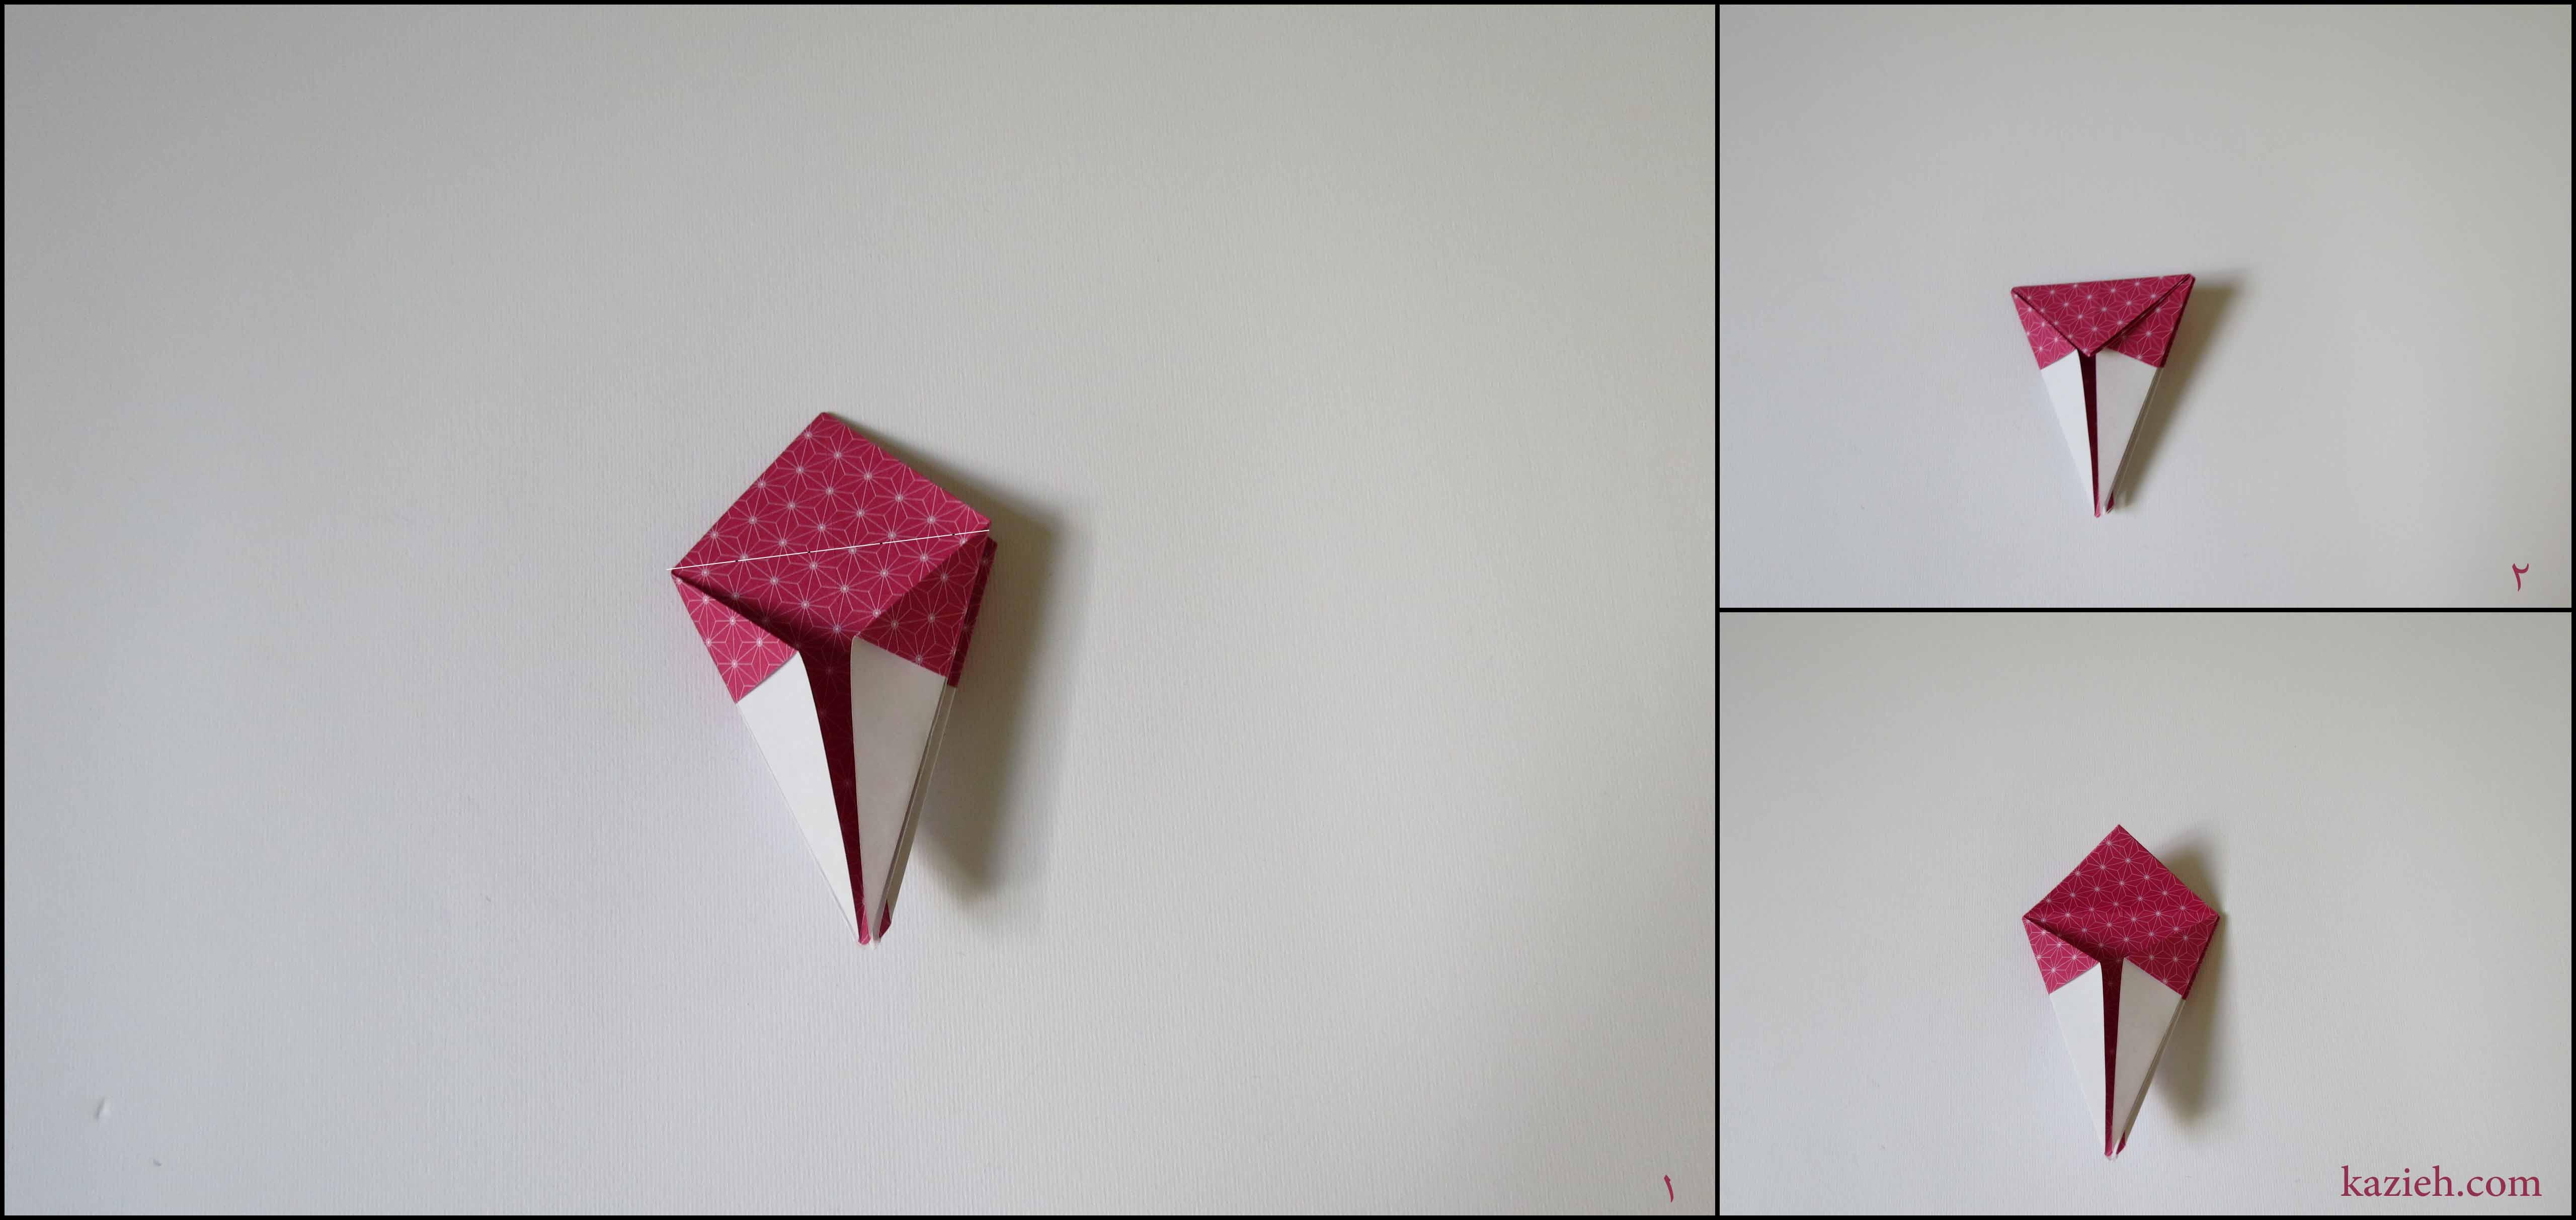 آموزش جعبه ستارهای اوریگامی کازیه - مرحله ششم